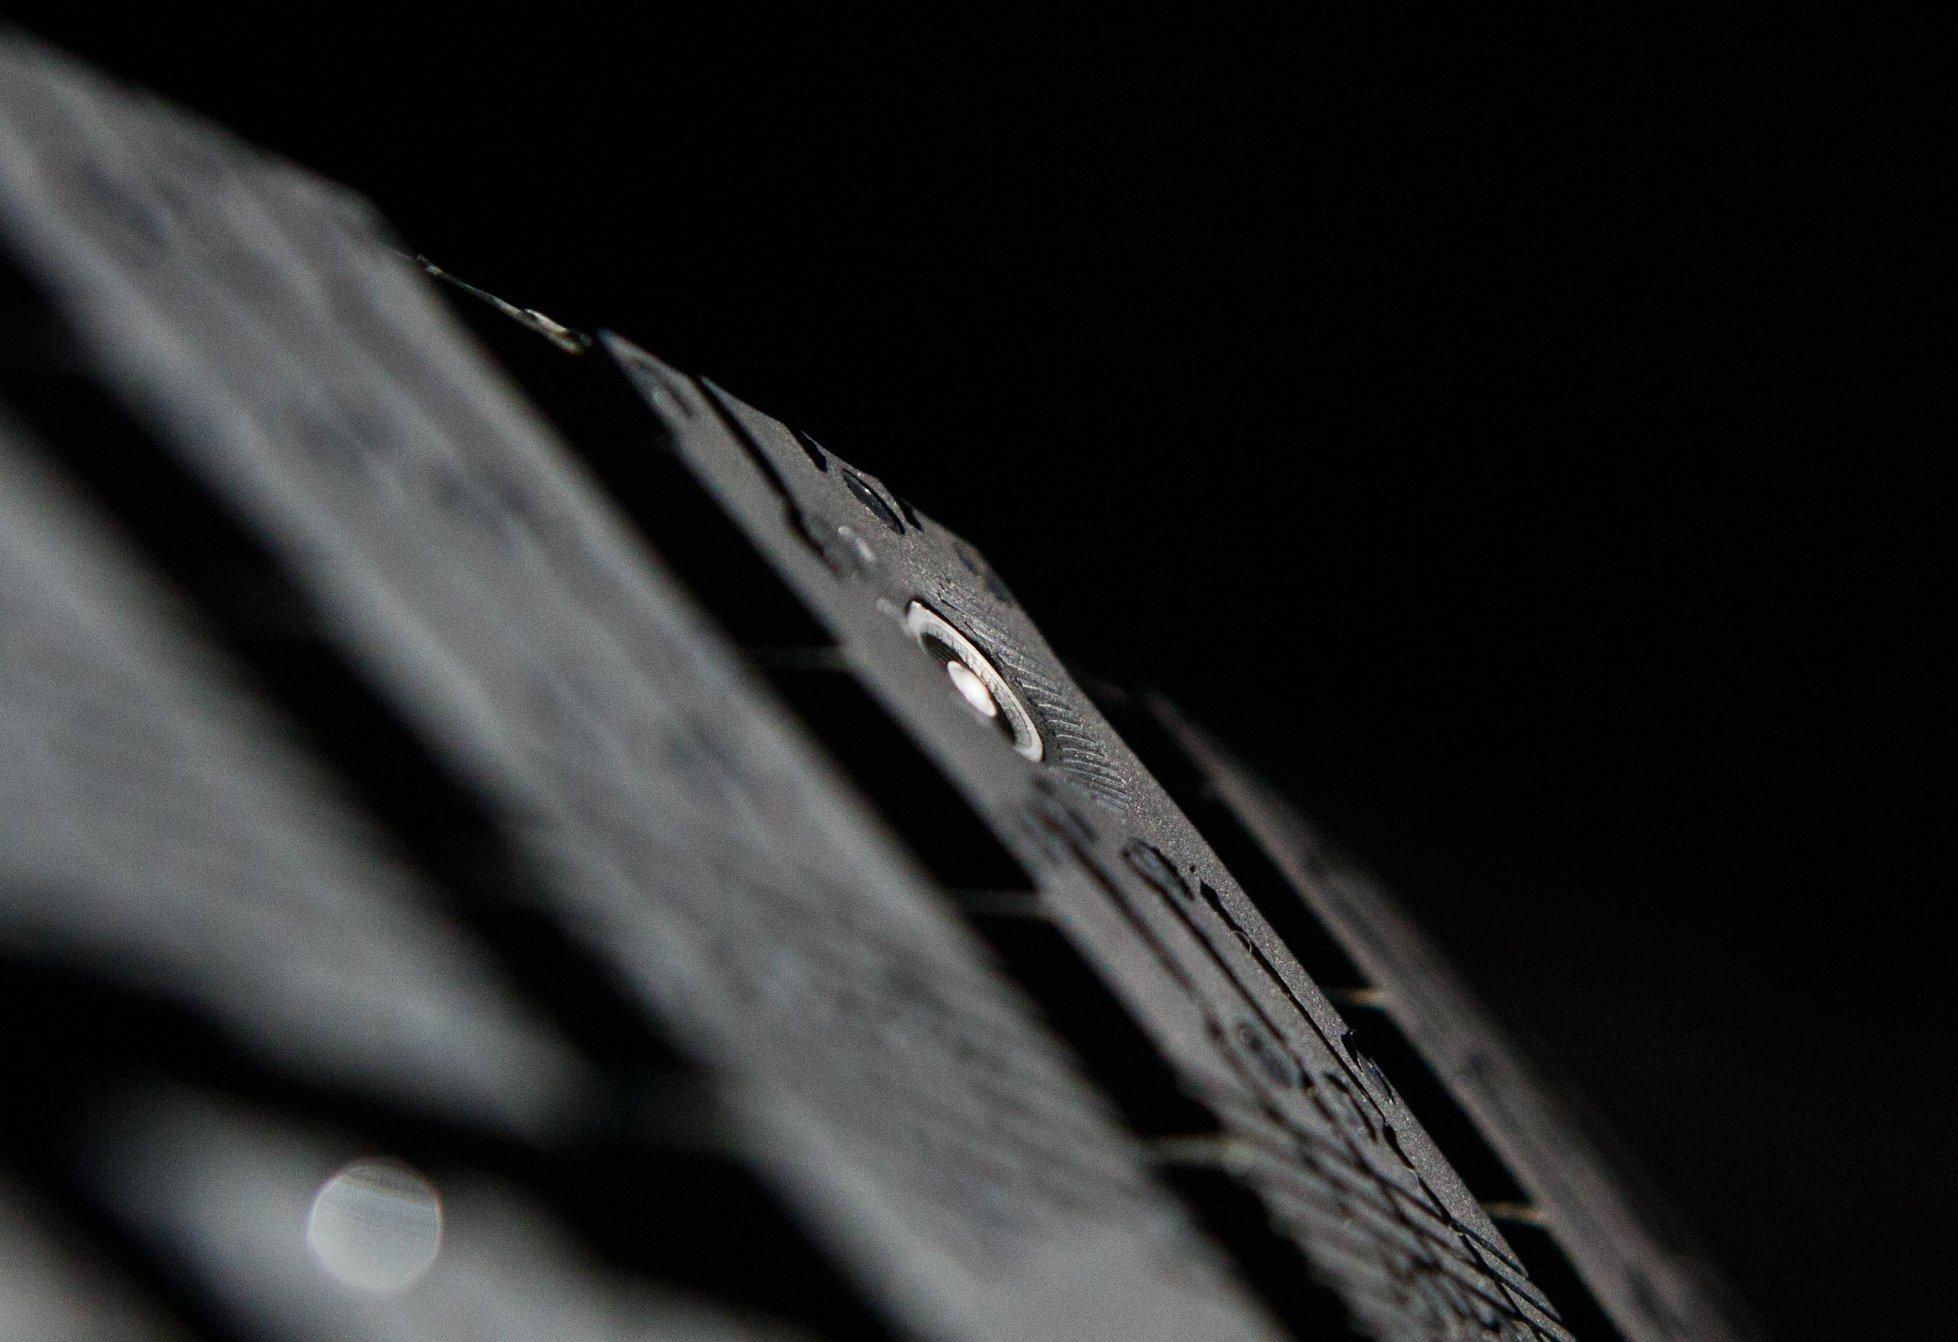 nokian_hakkapeliitta_concept_tire-2014-2